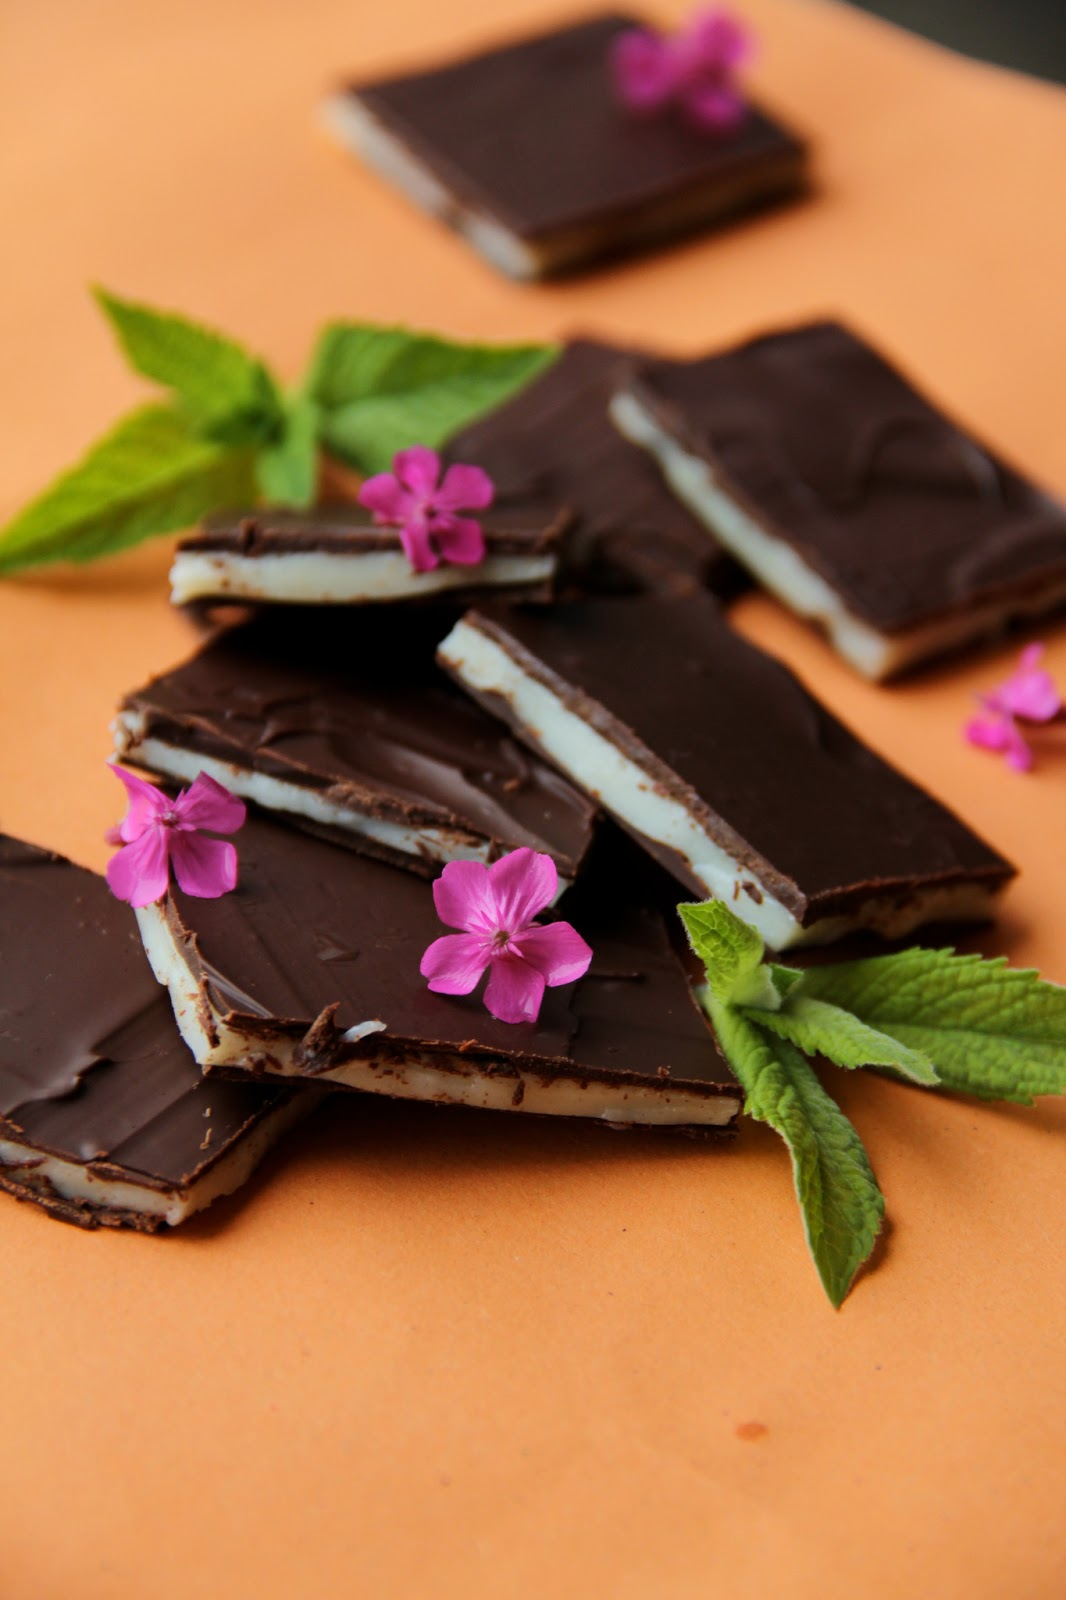 kuidas teha šokolaadi